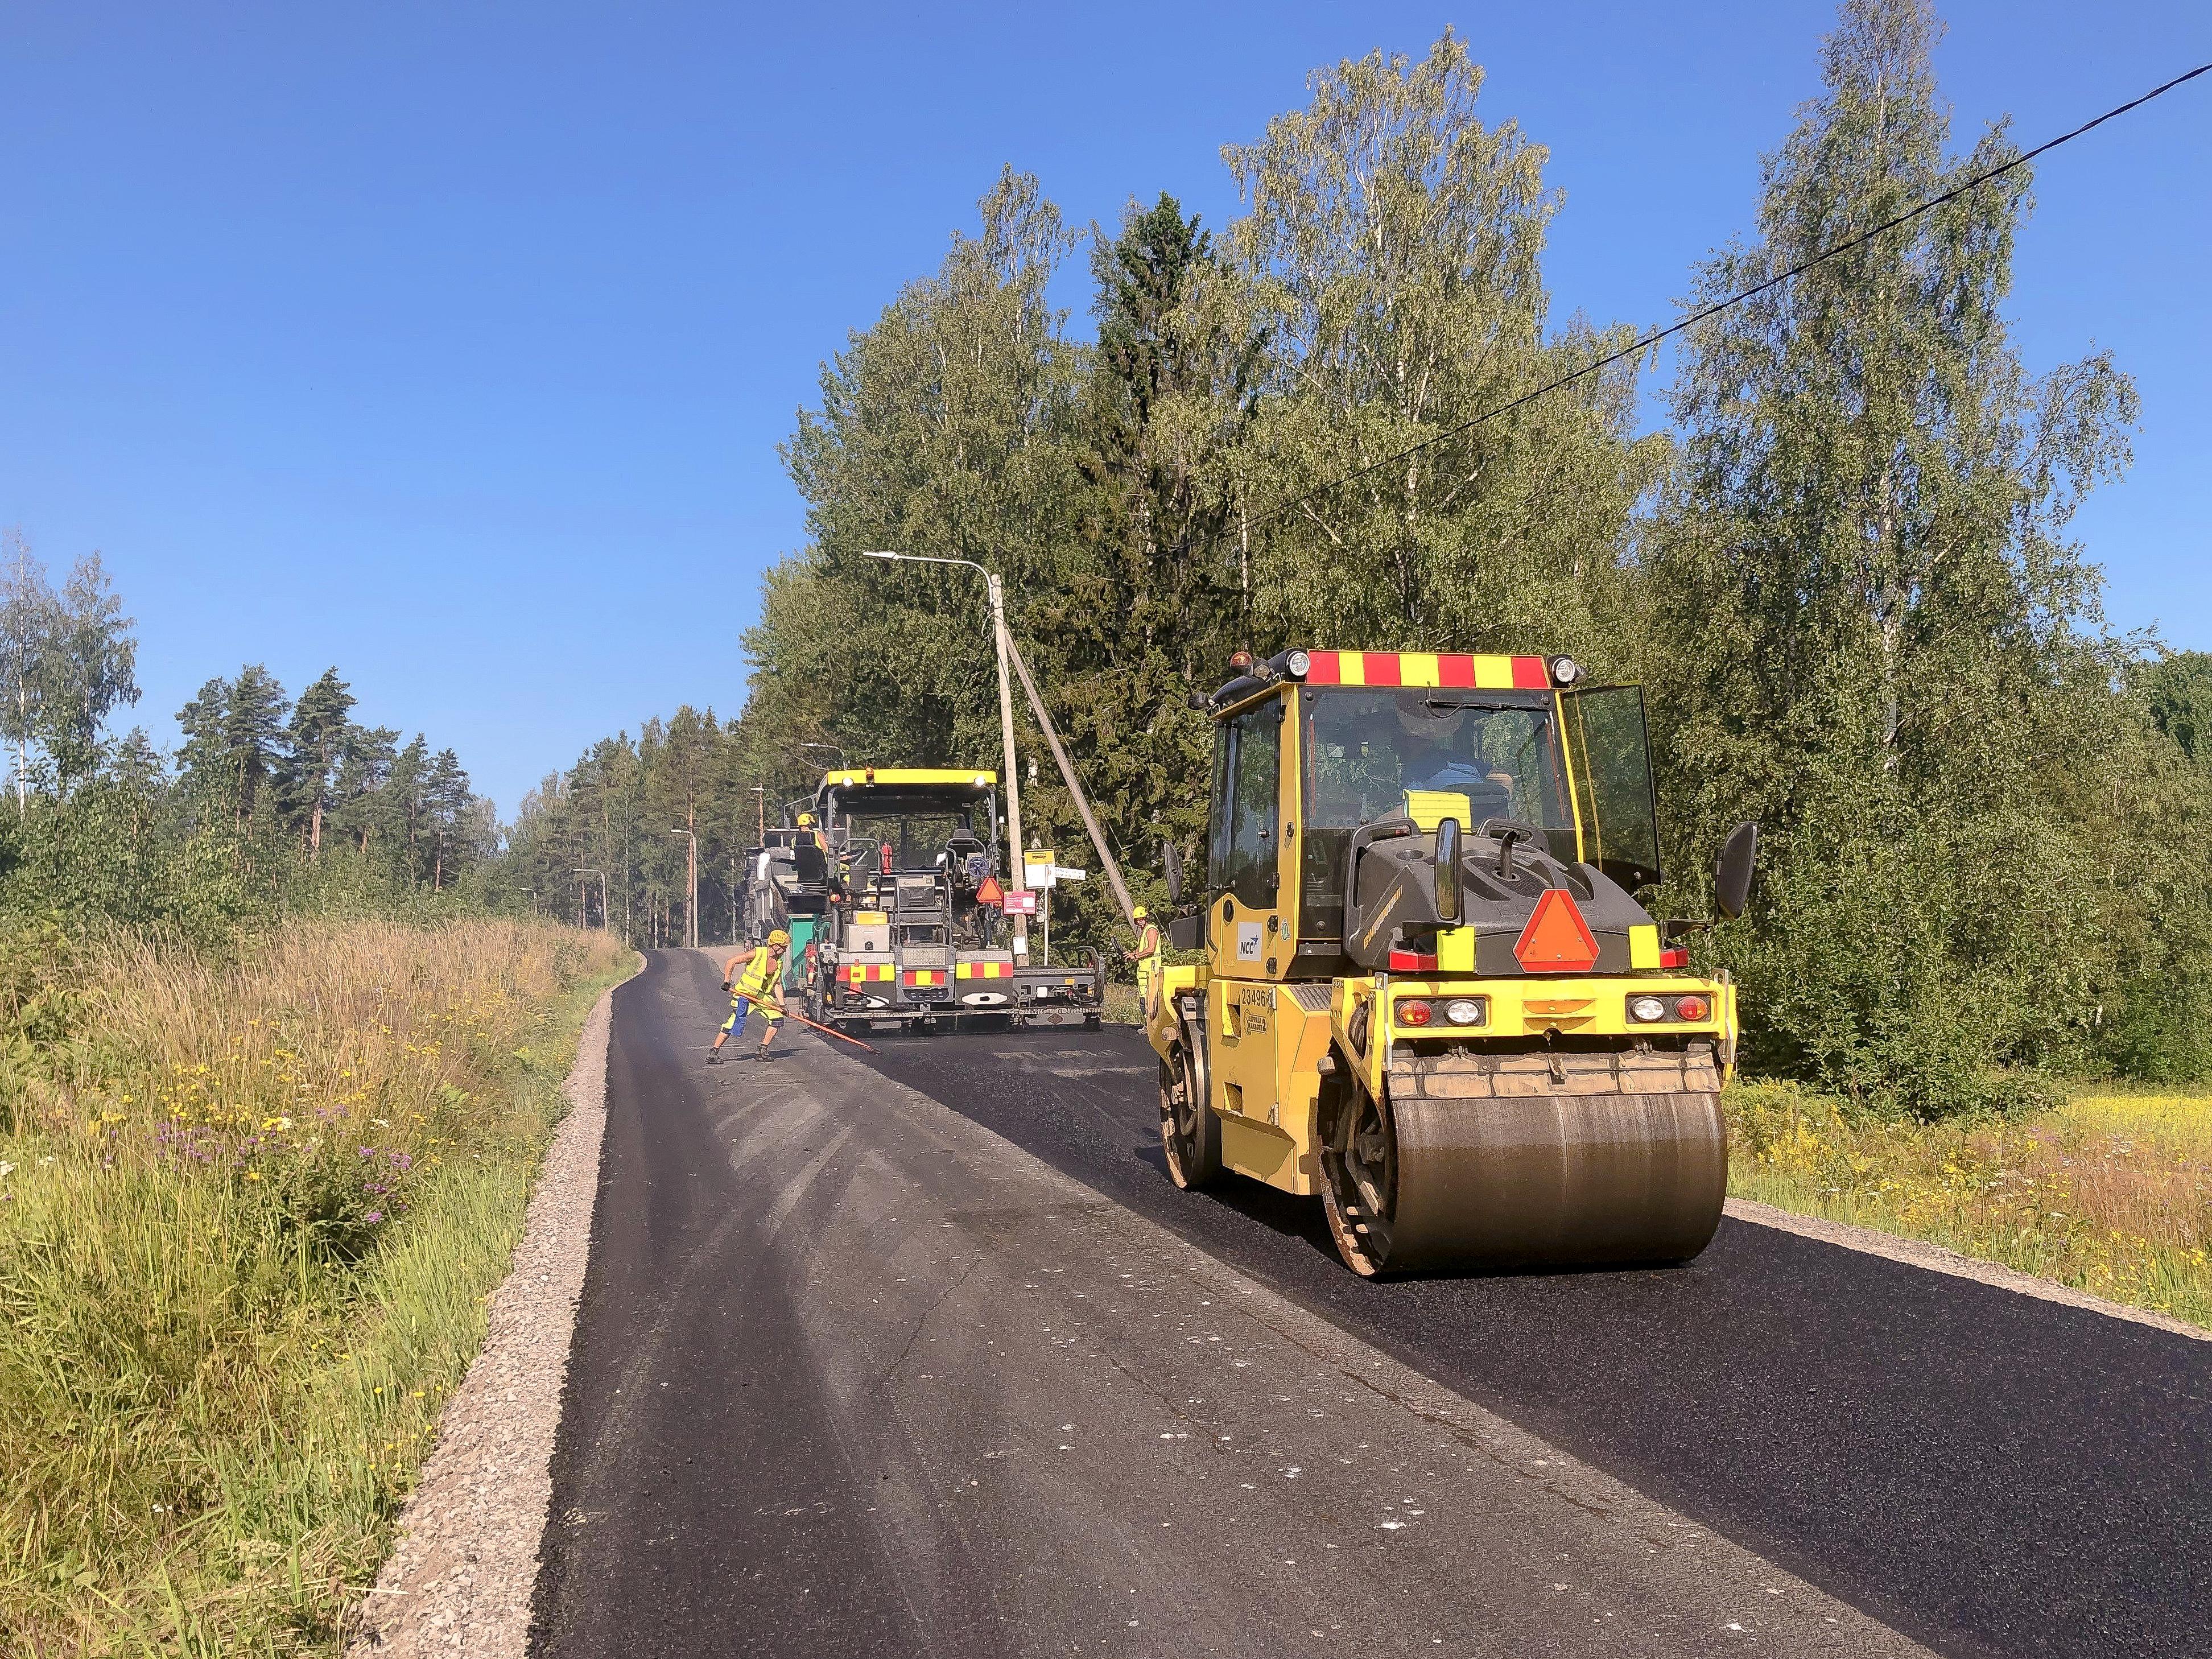 Uutta asfalttipintaa levitetään ja tasoitetaan.